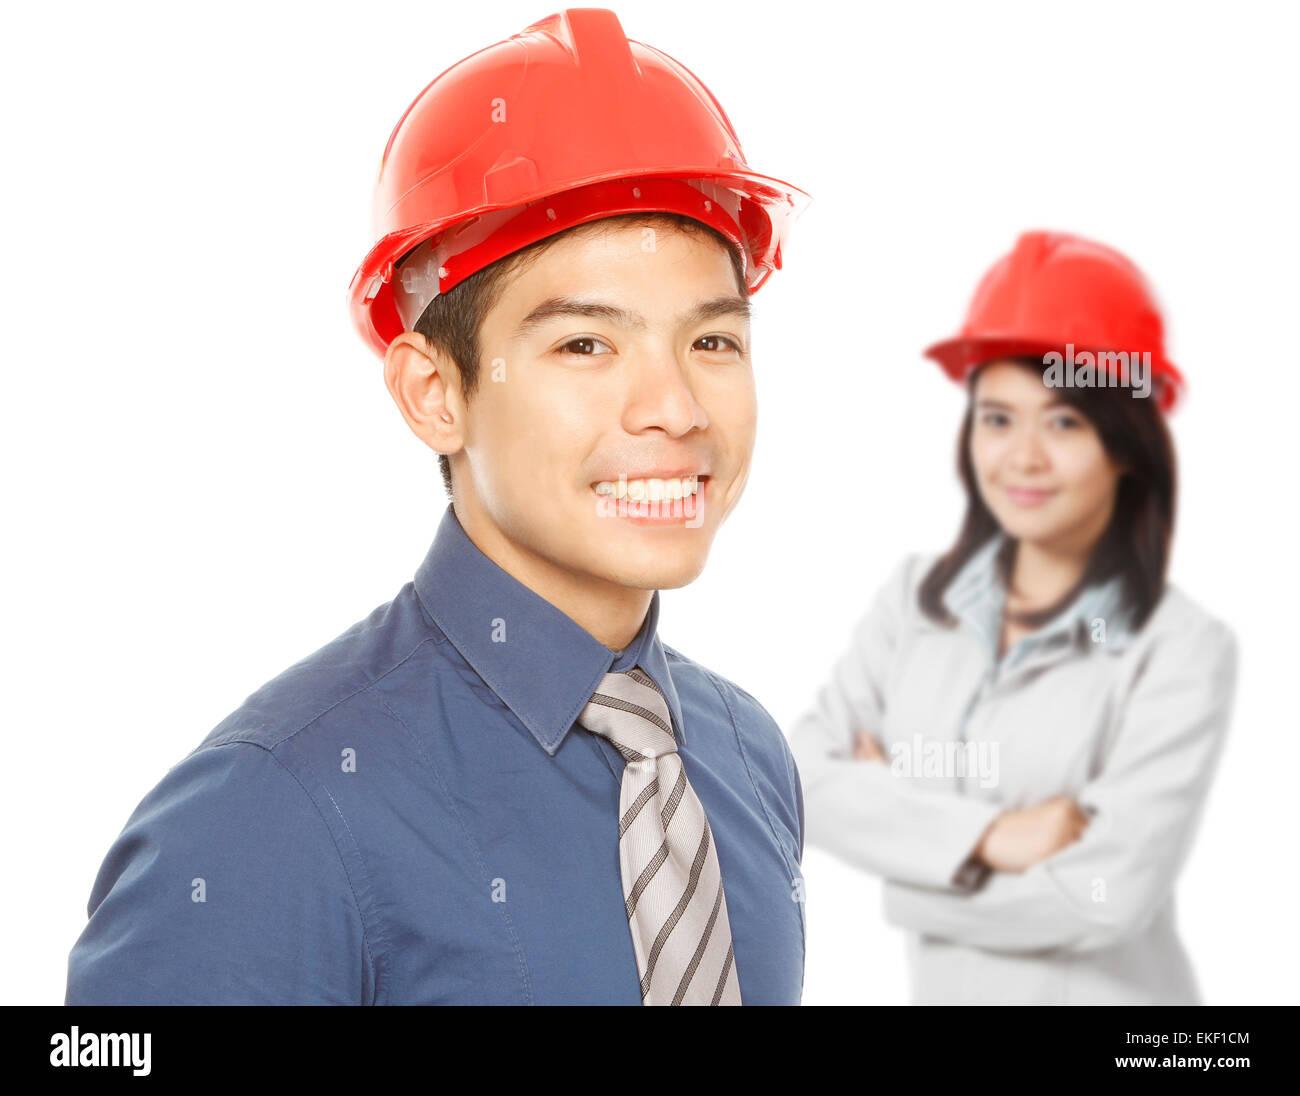 People Wearing Hardhats - Stock Image